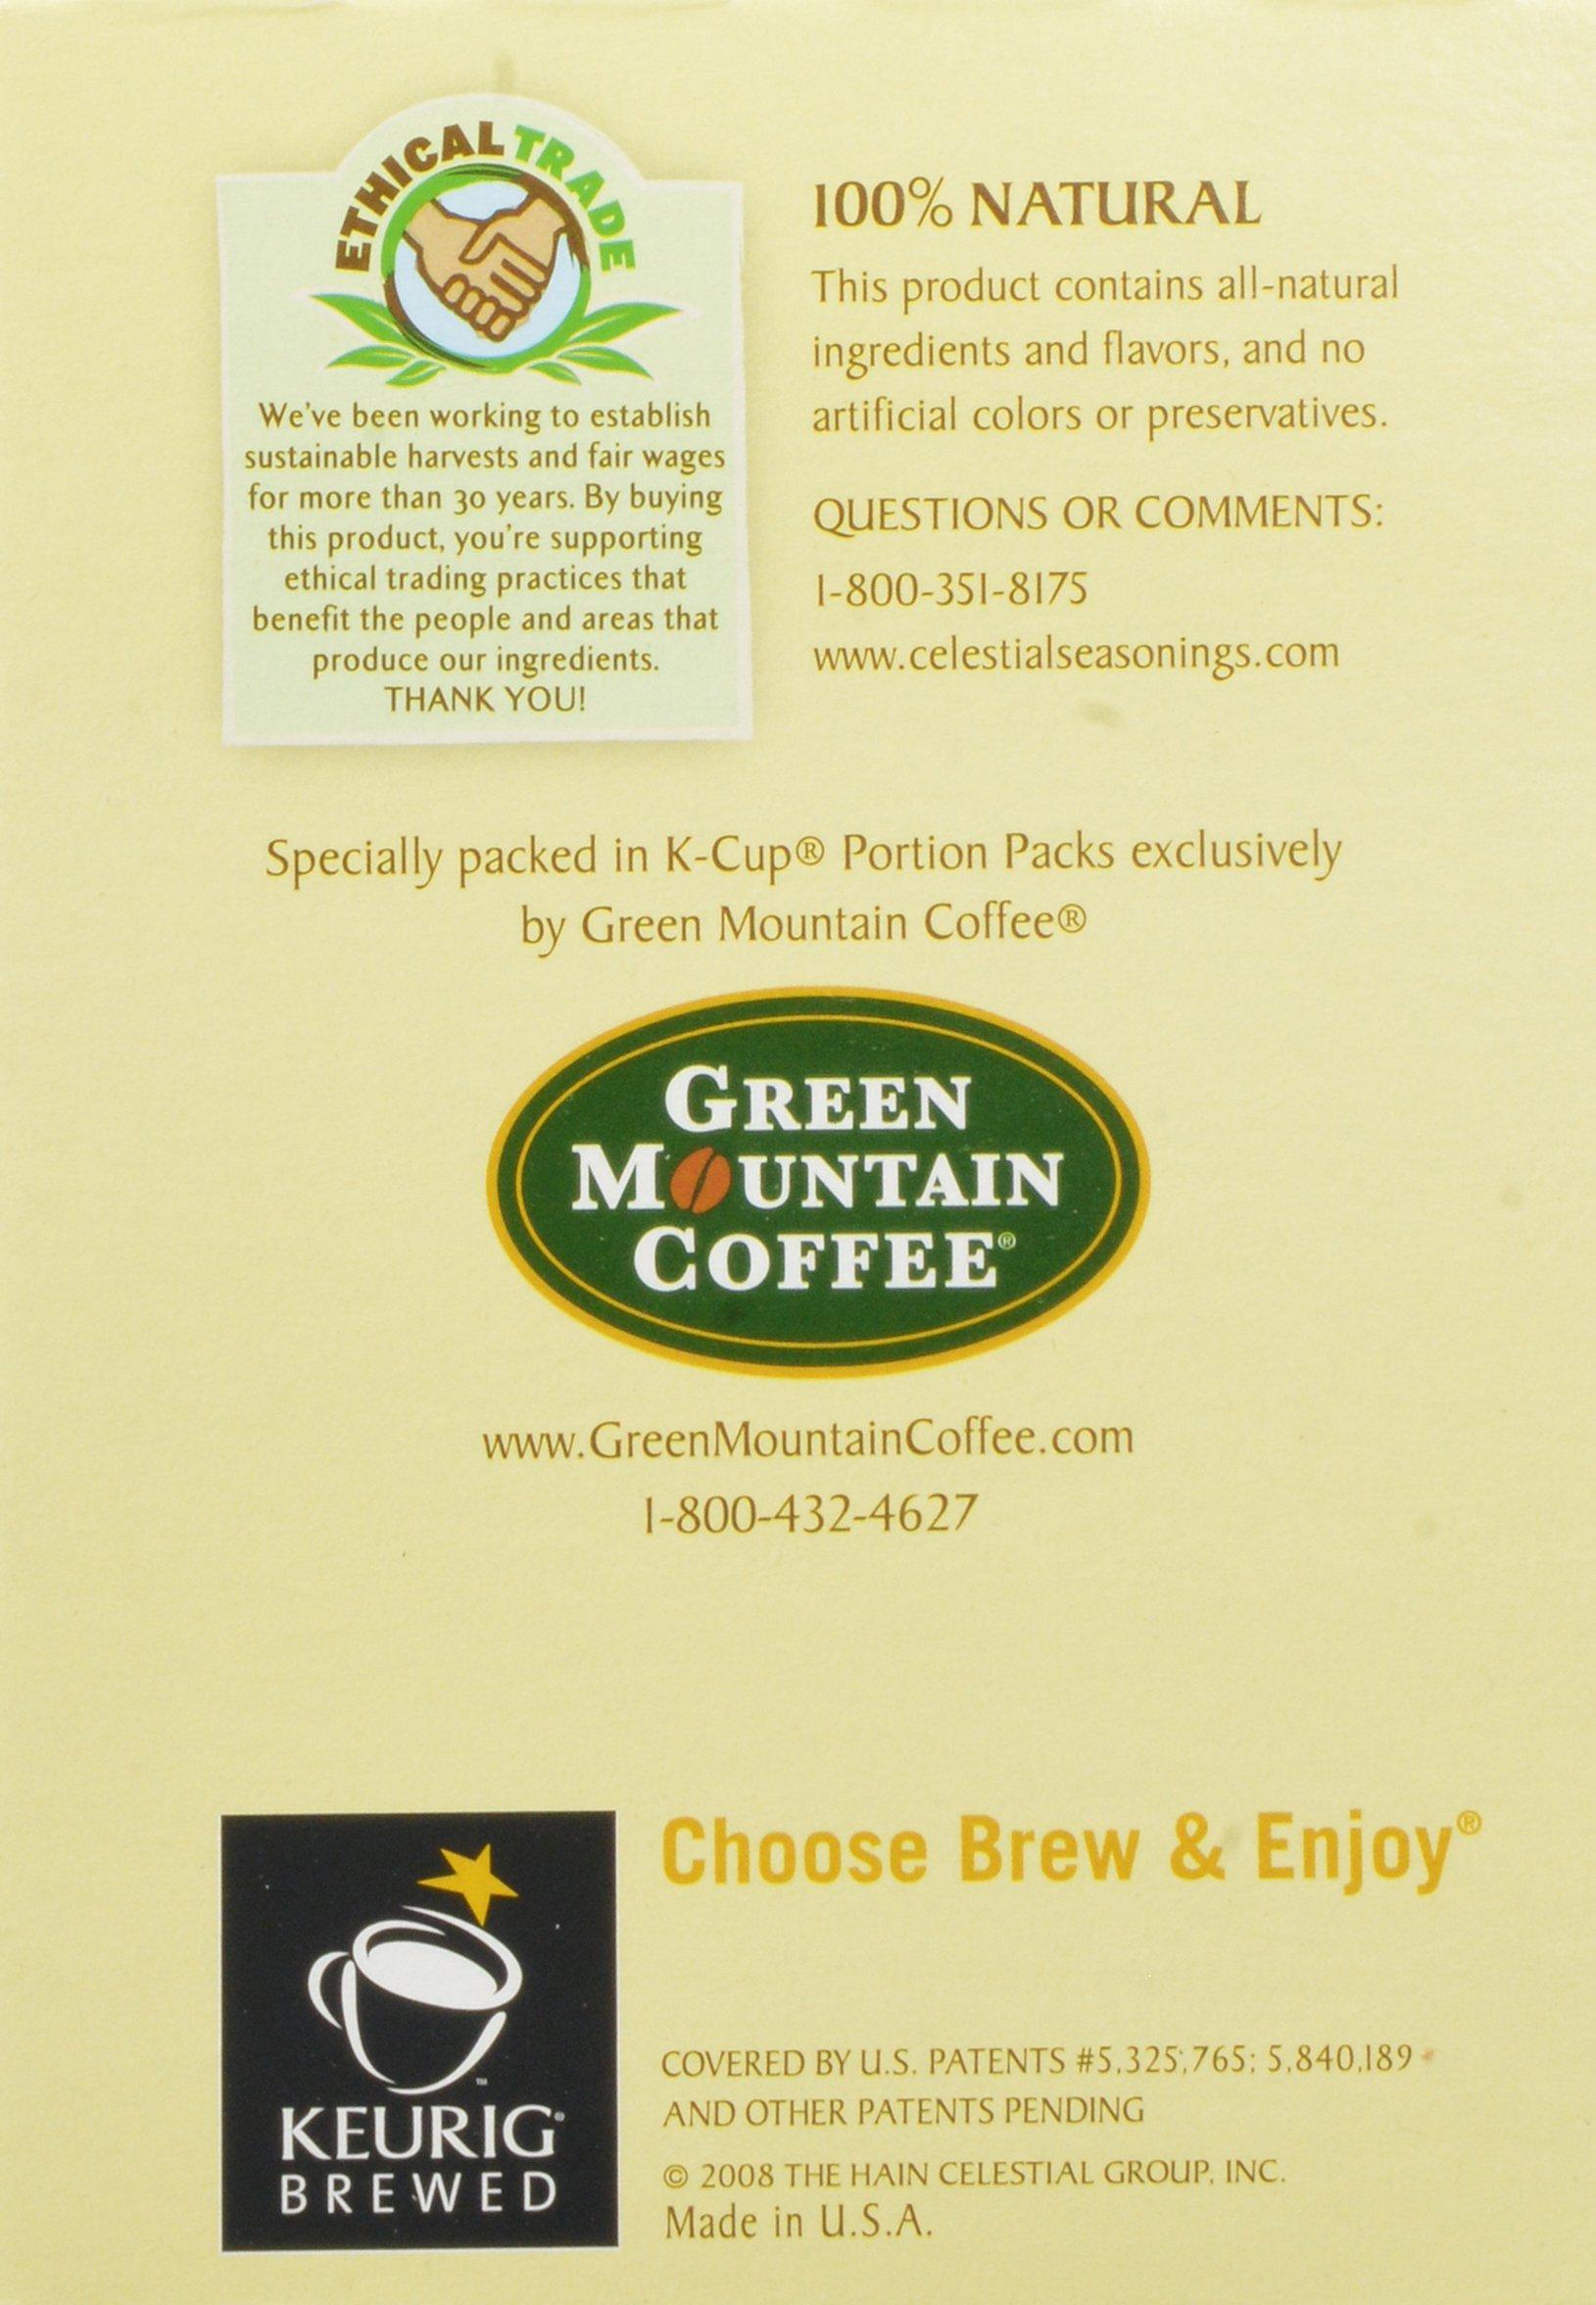 Celestial Seasonings Green Tea K-Cups, Authentic, 96-Count by Celestial Seasonings (Image #4)